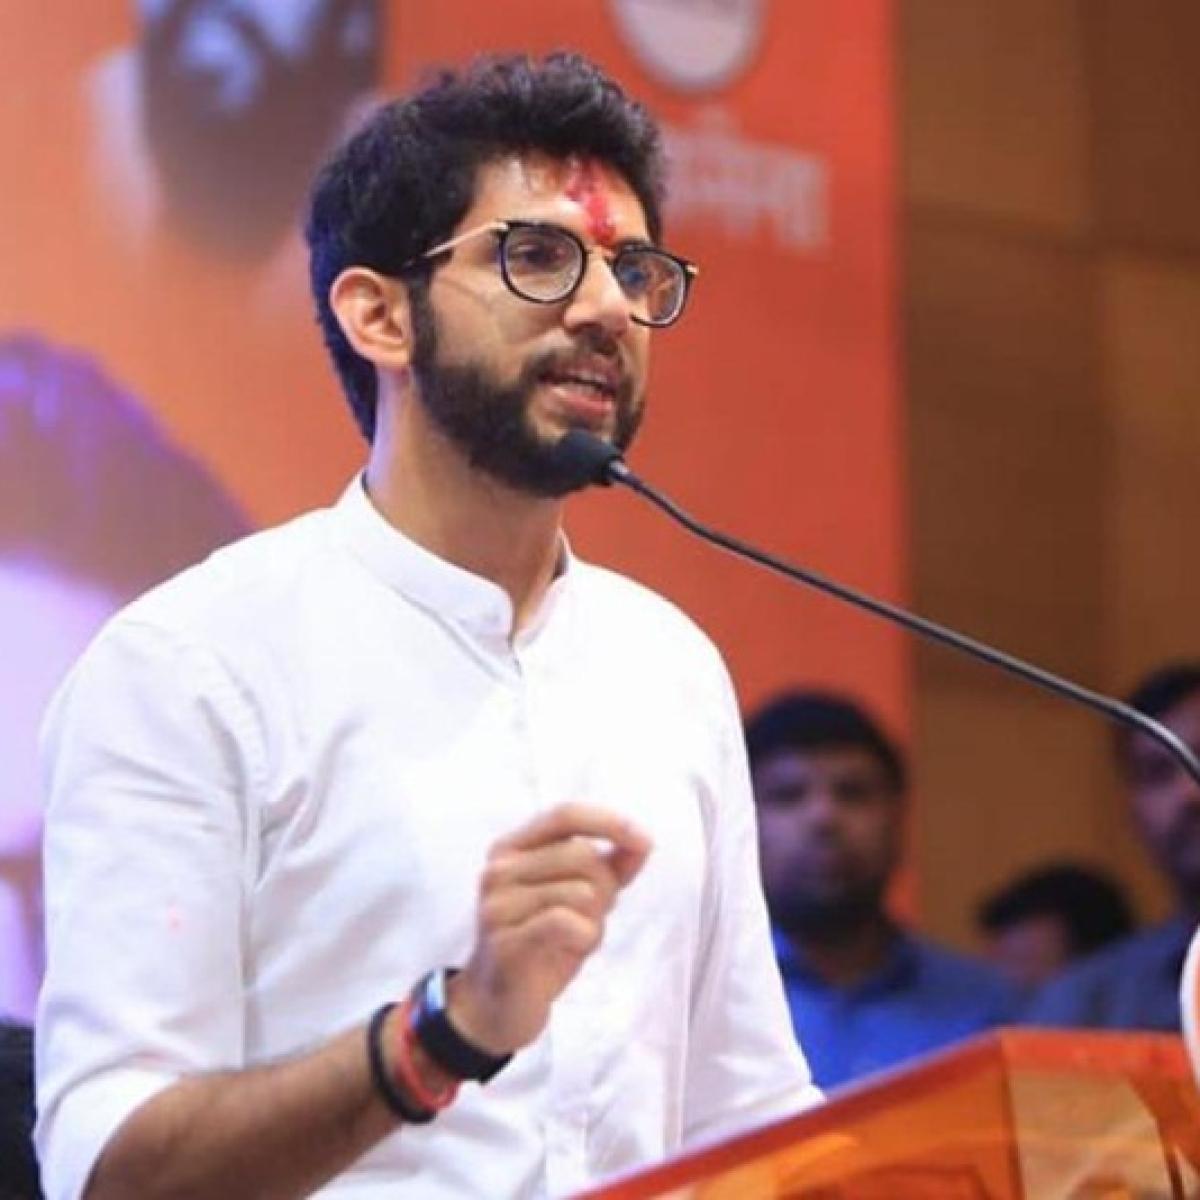 Maharashtra Election 2019 – Worli Assembly Constituency of Mumbai: Shiv Sena's Aaditya Uddhav Thackeray wins